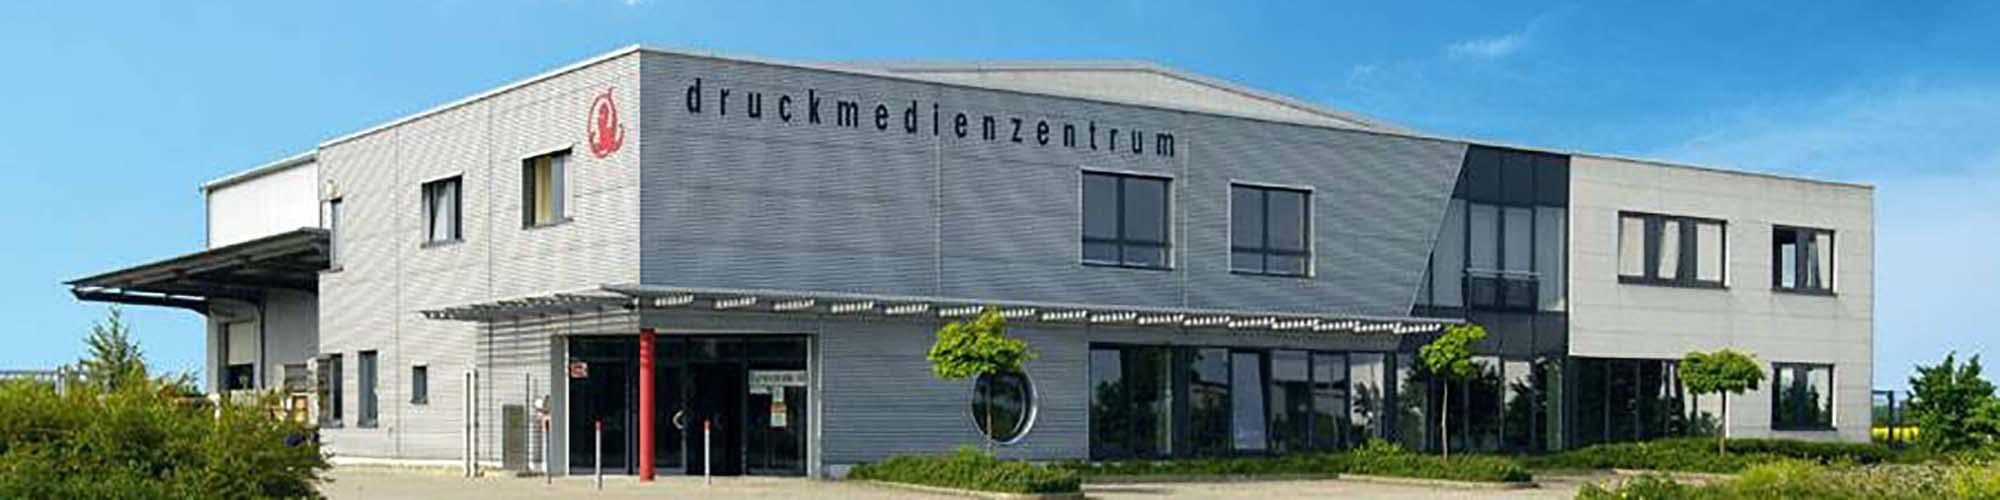 Druckmedienzentrum Gotha GmbH